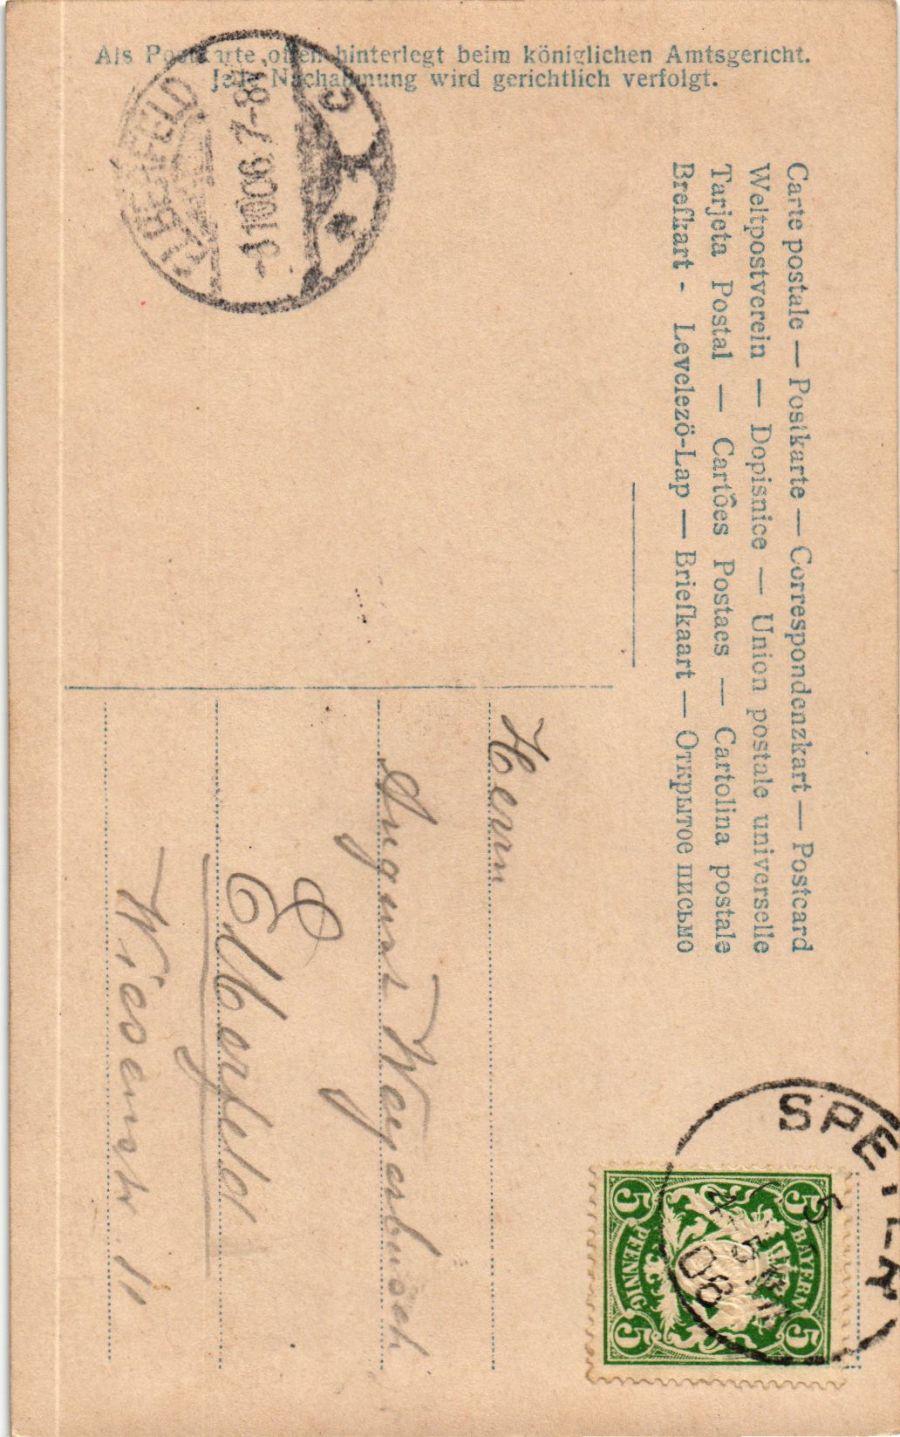 CPA-AK-Kronprinzenpaar-GERMAN-ROYALTY-867443 Indexbild 2